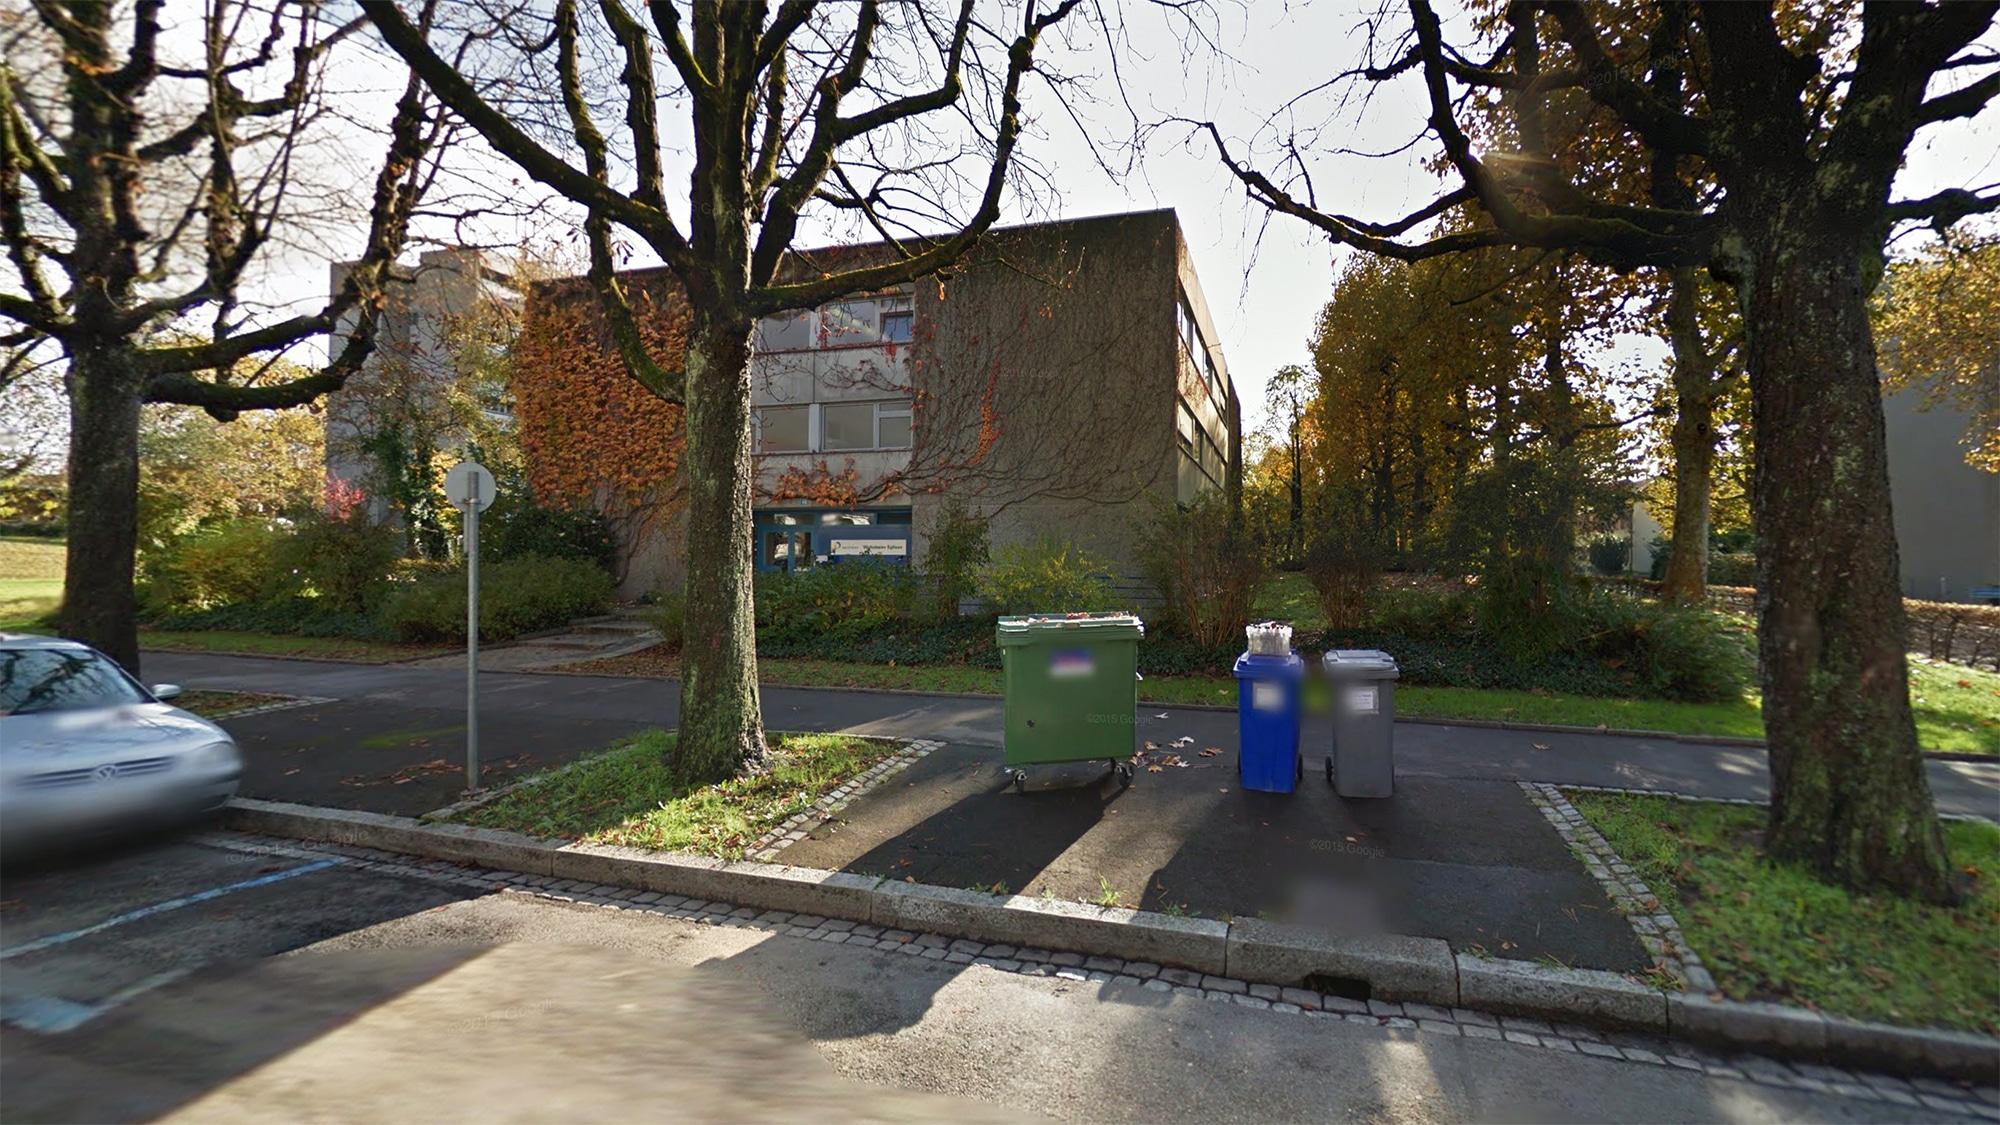 Gehört jetzt dem Kanton: Die Liegenschaft an der Egliseestrasse 60 war öffentlich zum Kauf ausgeschrieben.